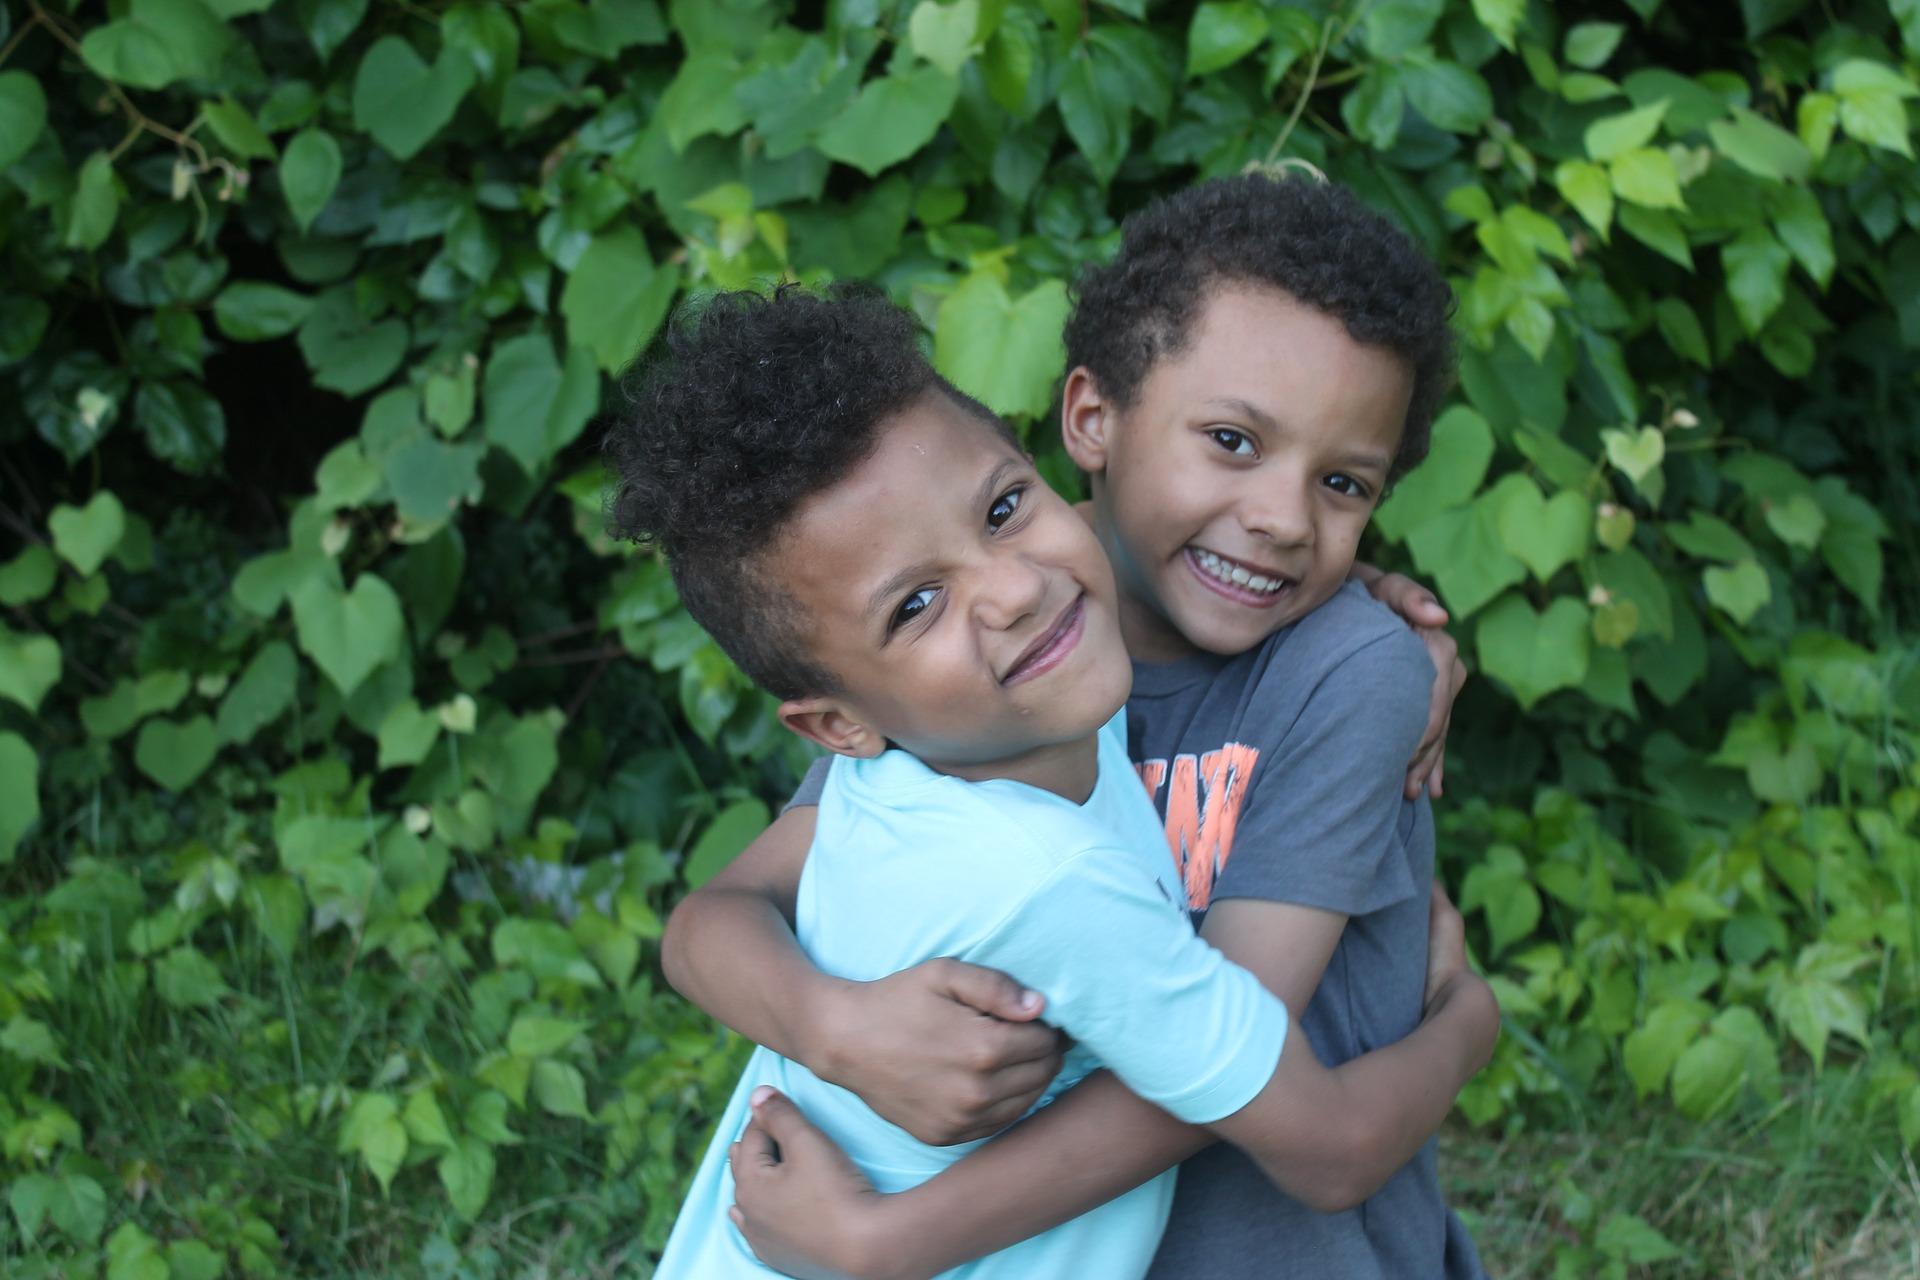 jongens knuffelen elkaar